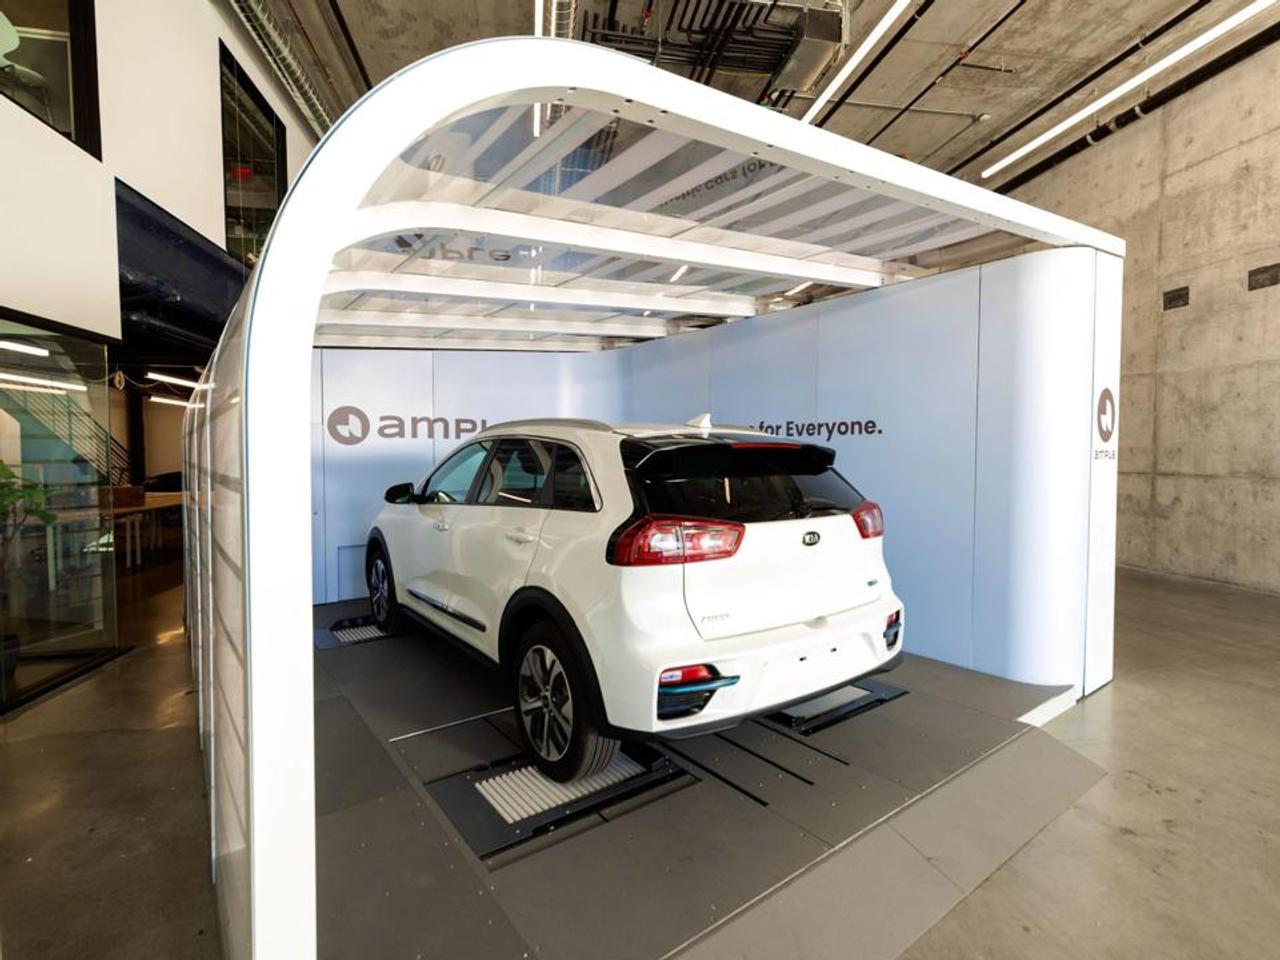 Ample представил автоматизированную систему замены батарей в электромобилях за 10 мин